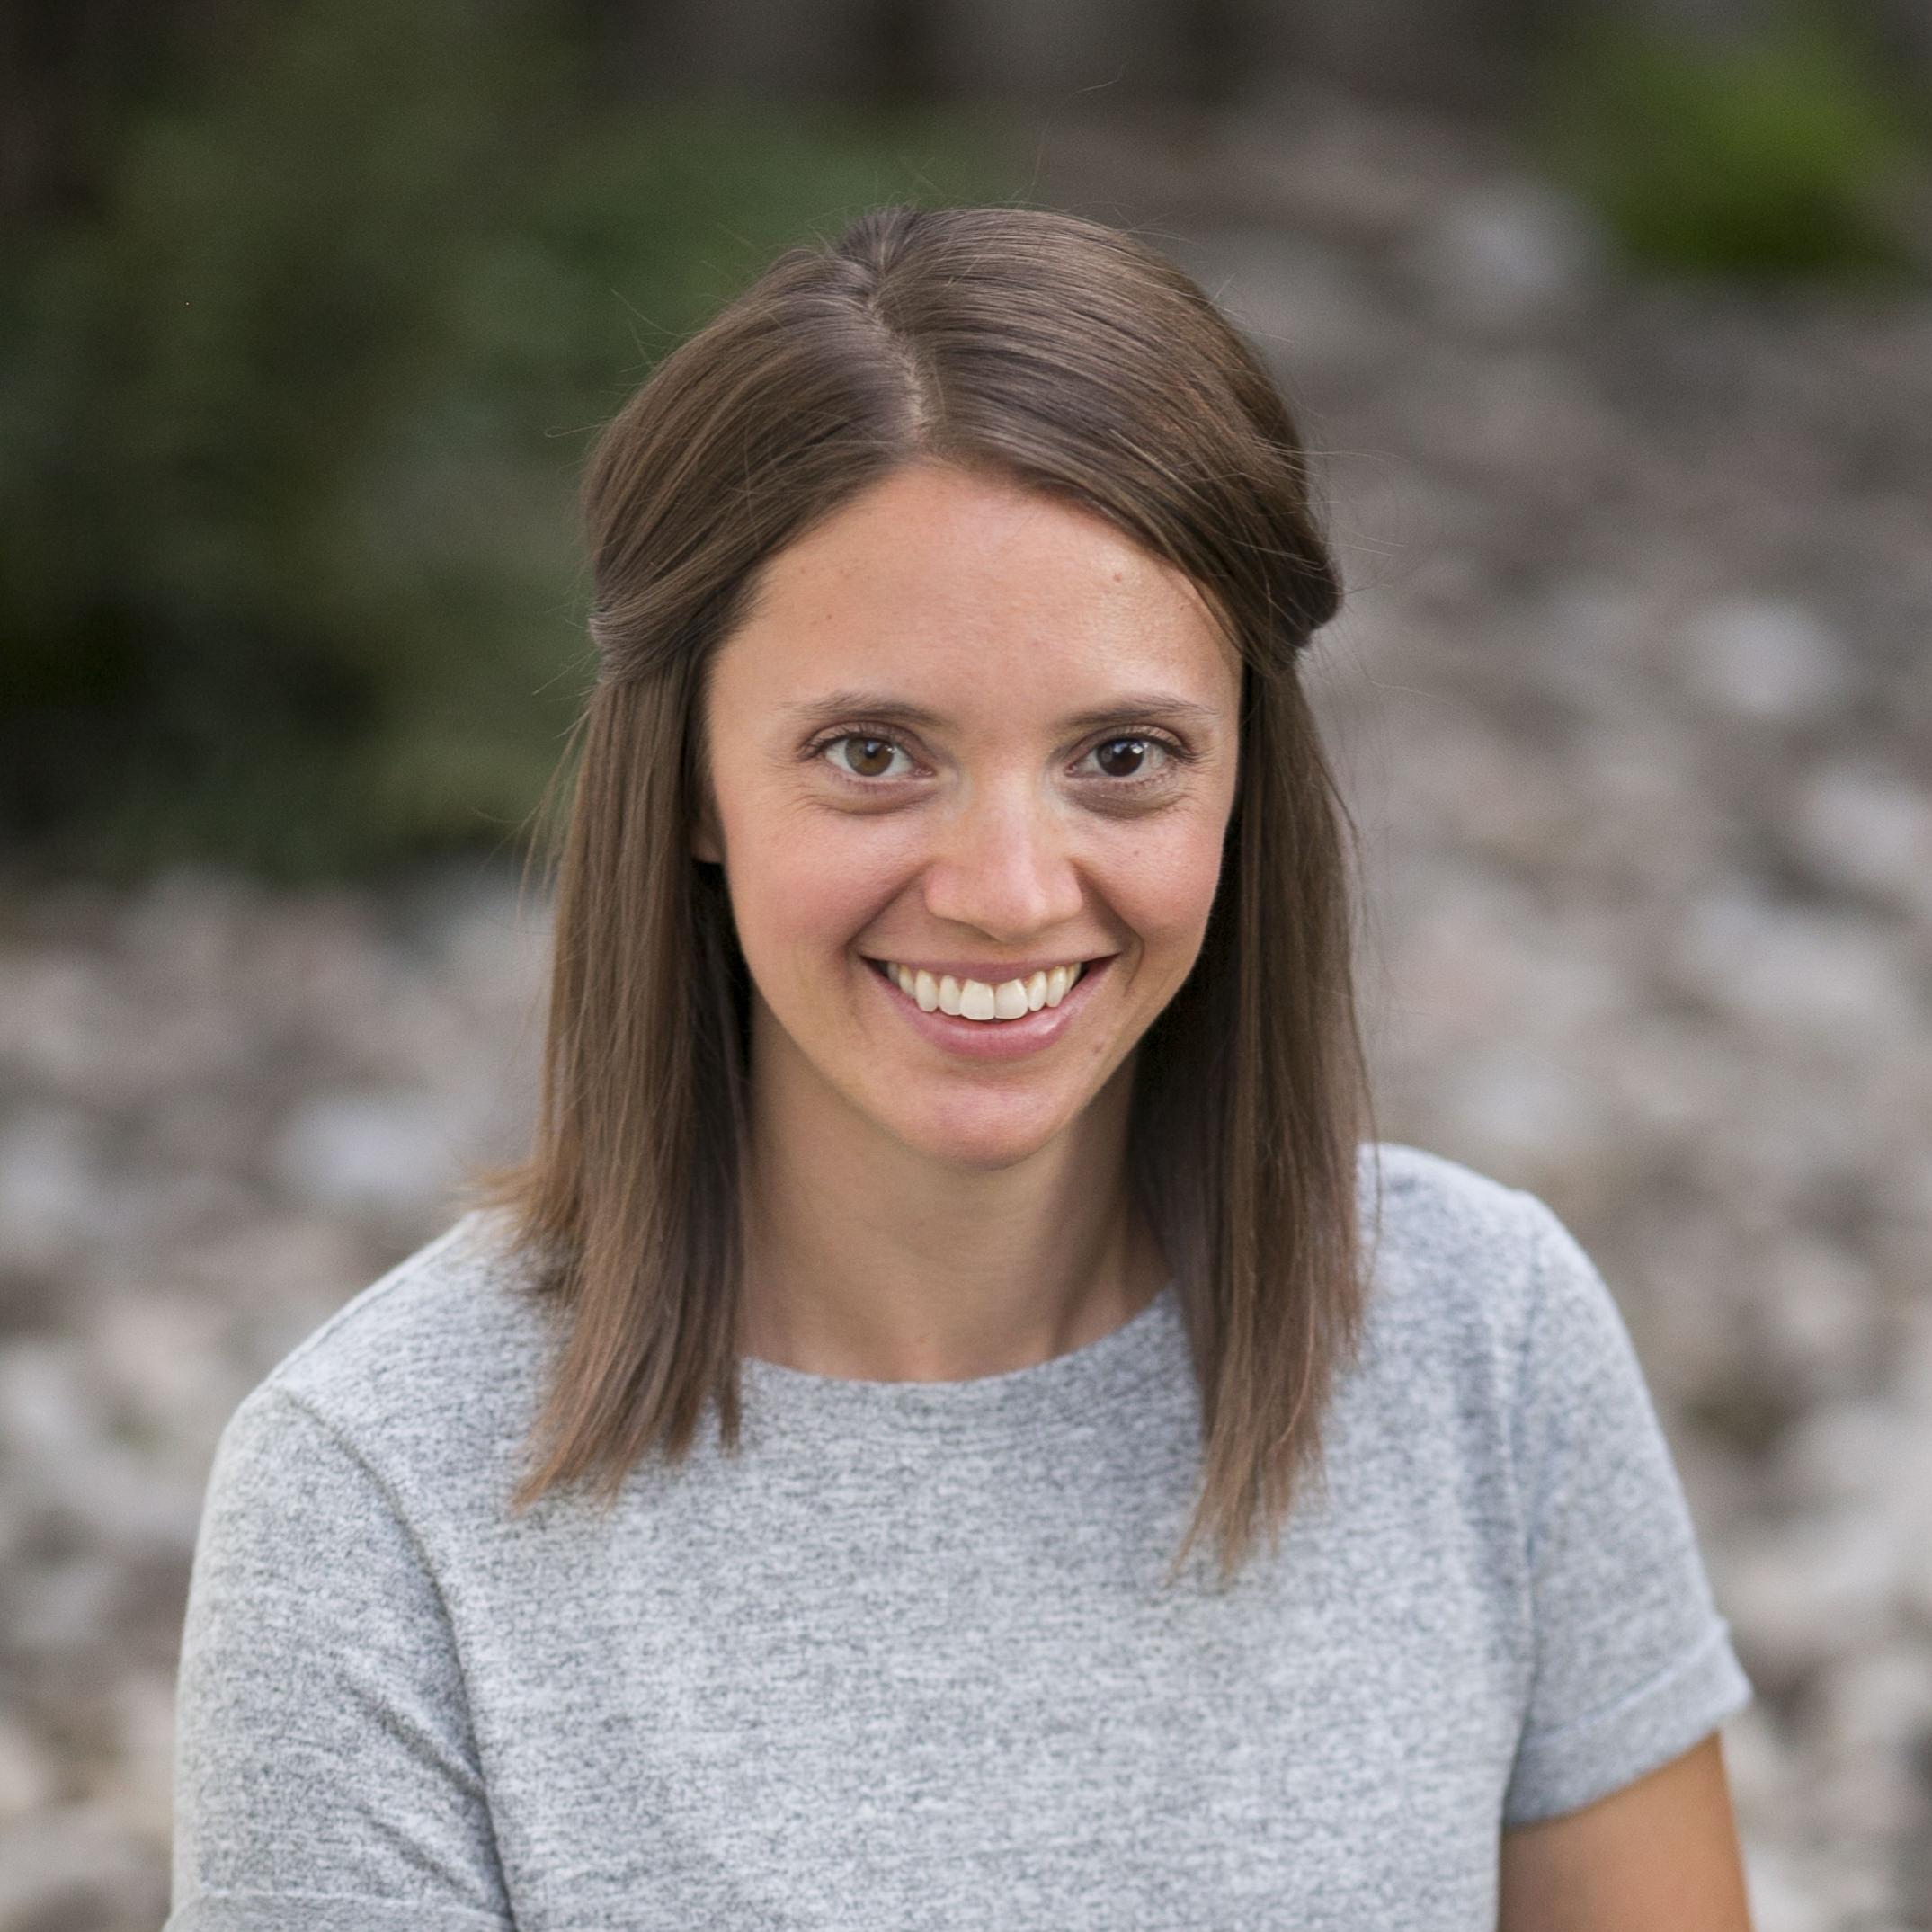 Jacqueline conte   Holistic Nutritionist & Whole Foods Chef  LInkedin:  Jacqueline Conte   Pinterest:  @jmcnutrition